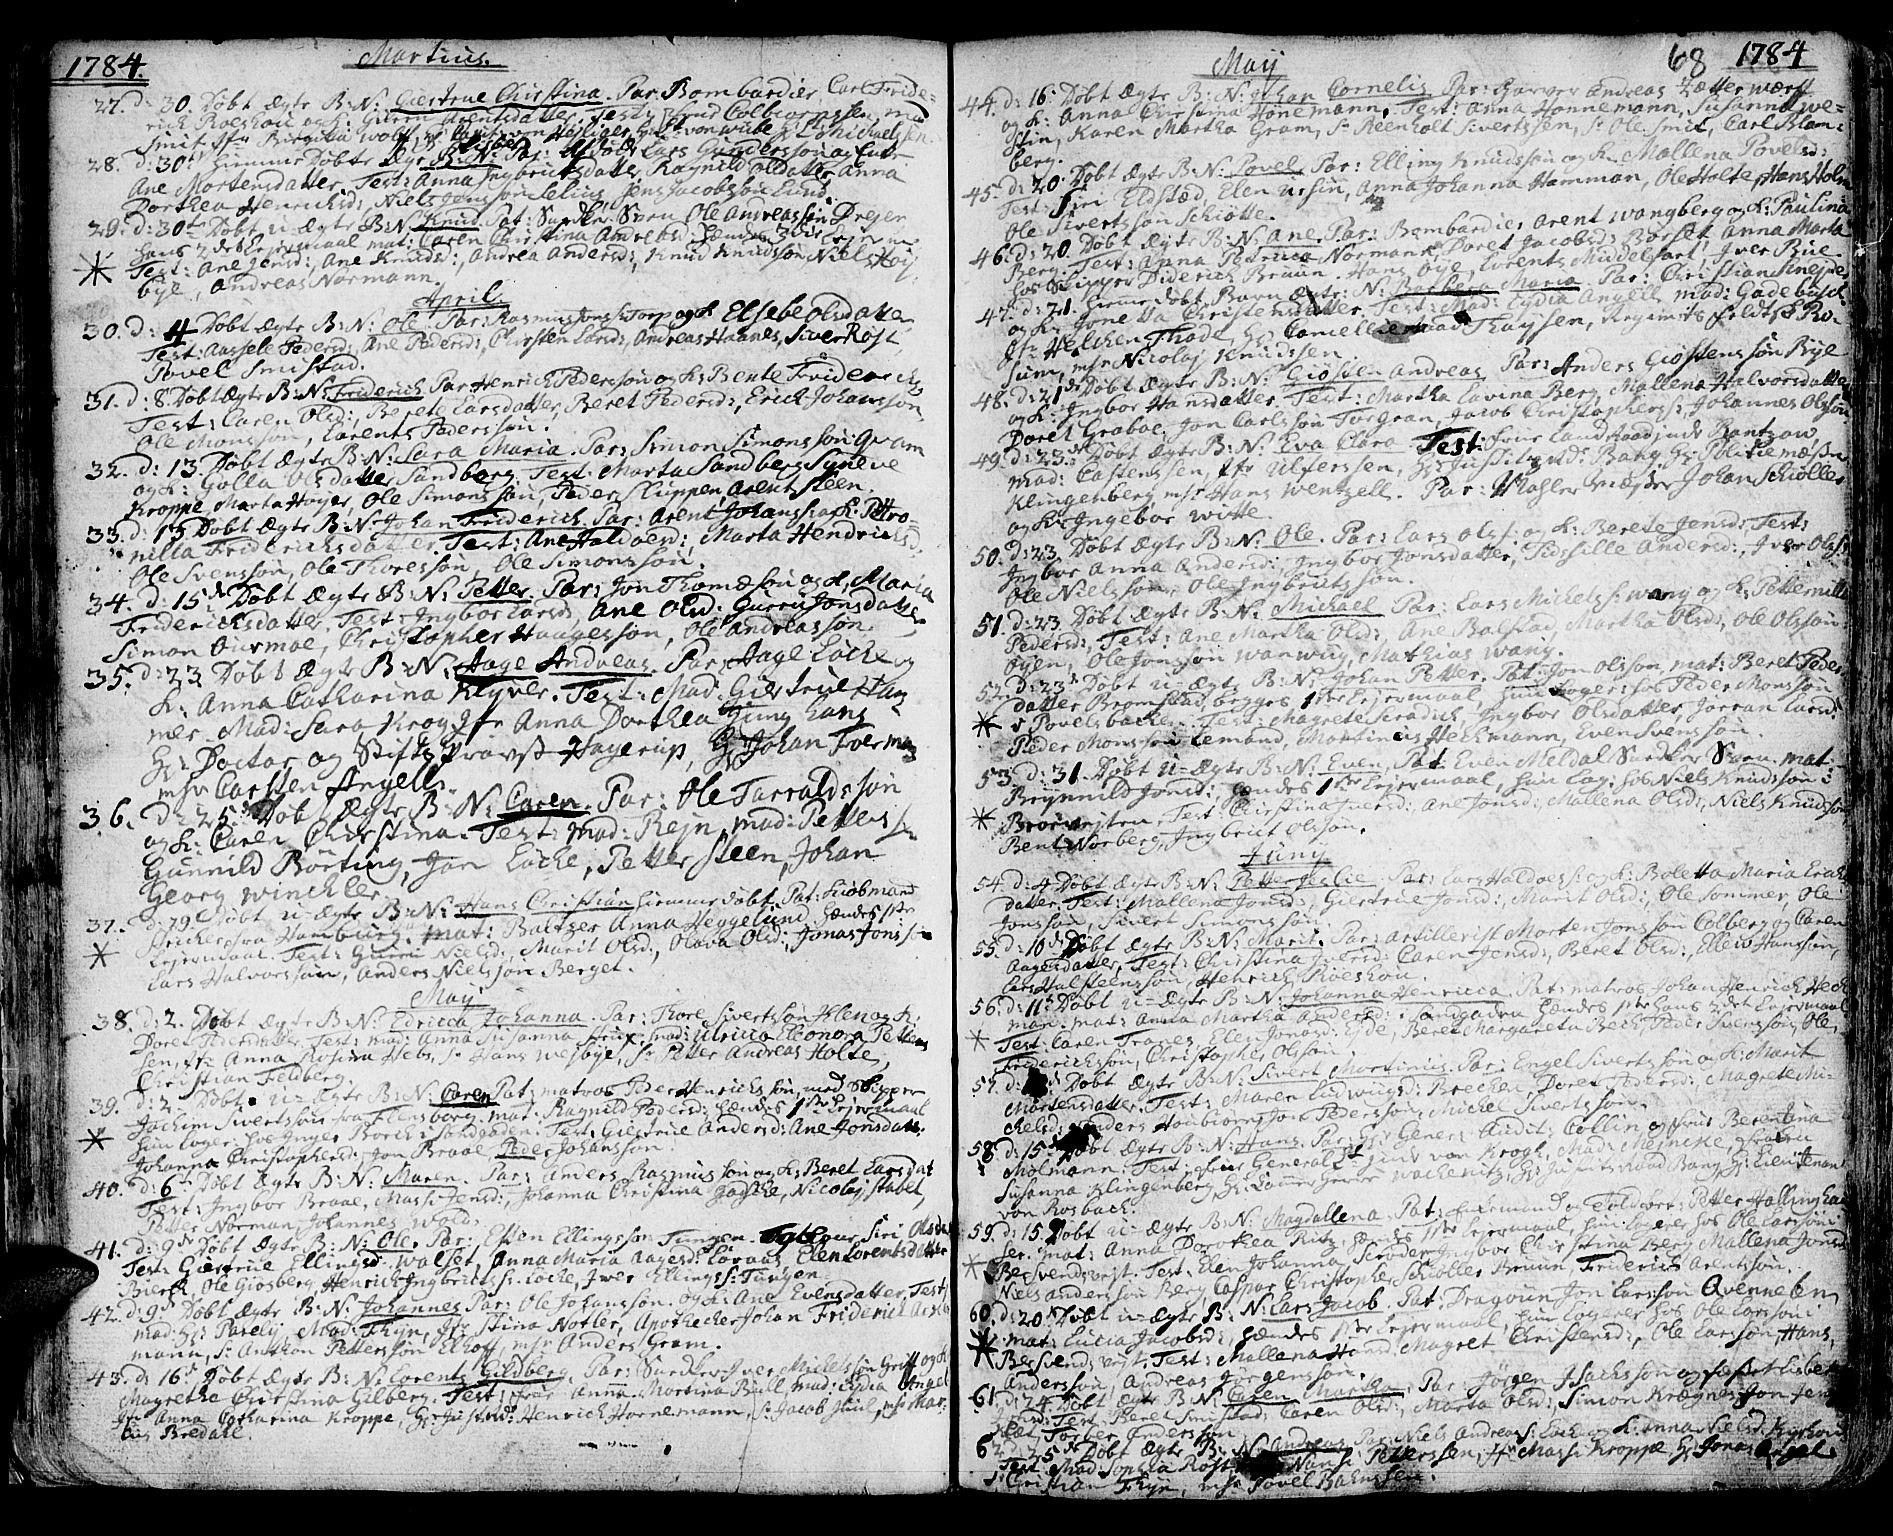 SAT, Ministerialprotokoller, klokkerbøker og fødselsregistre - Sør-Trøndelag, 601/L0039: Ministerialbok nr. 601A07, 1770-1819, s. 68